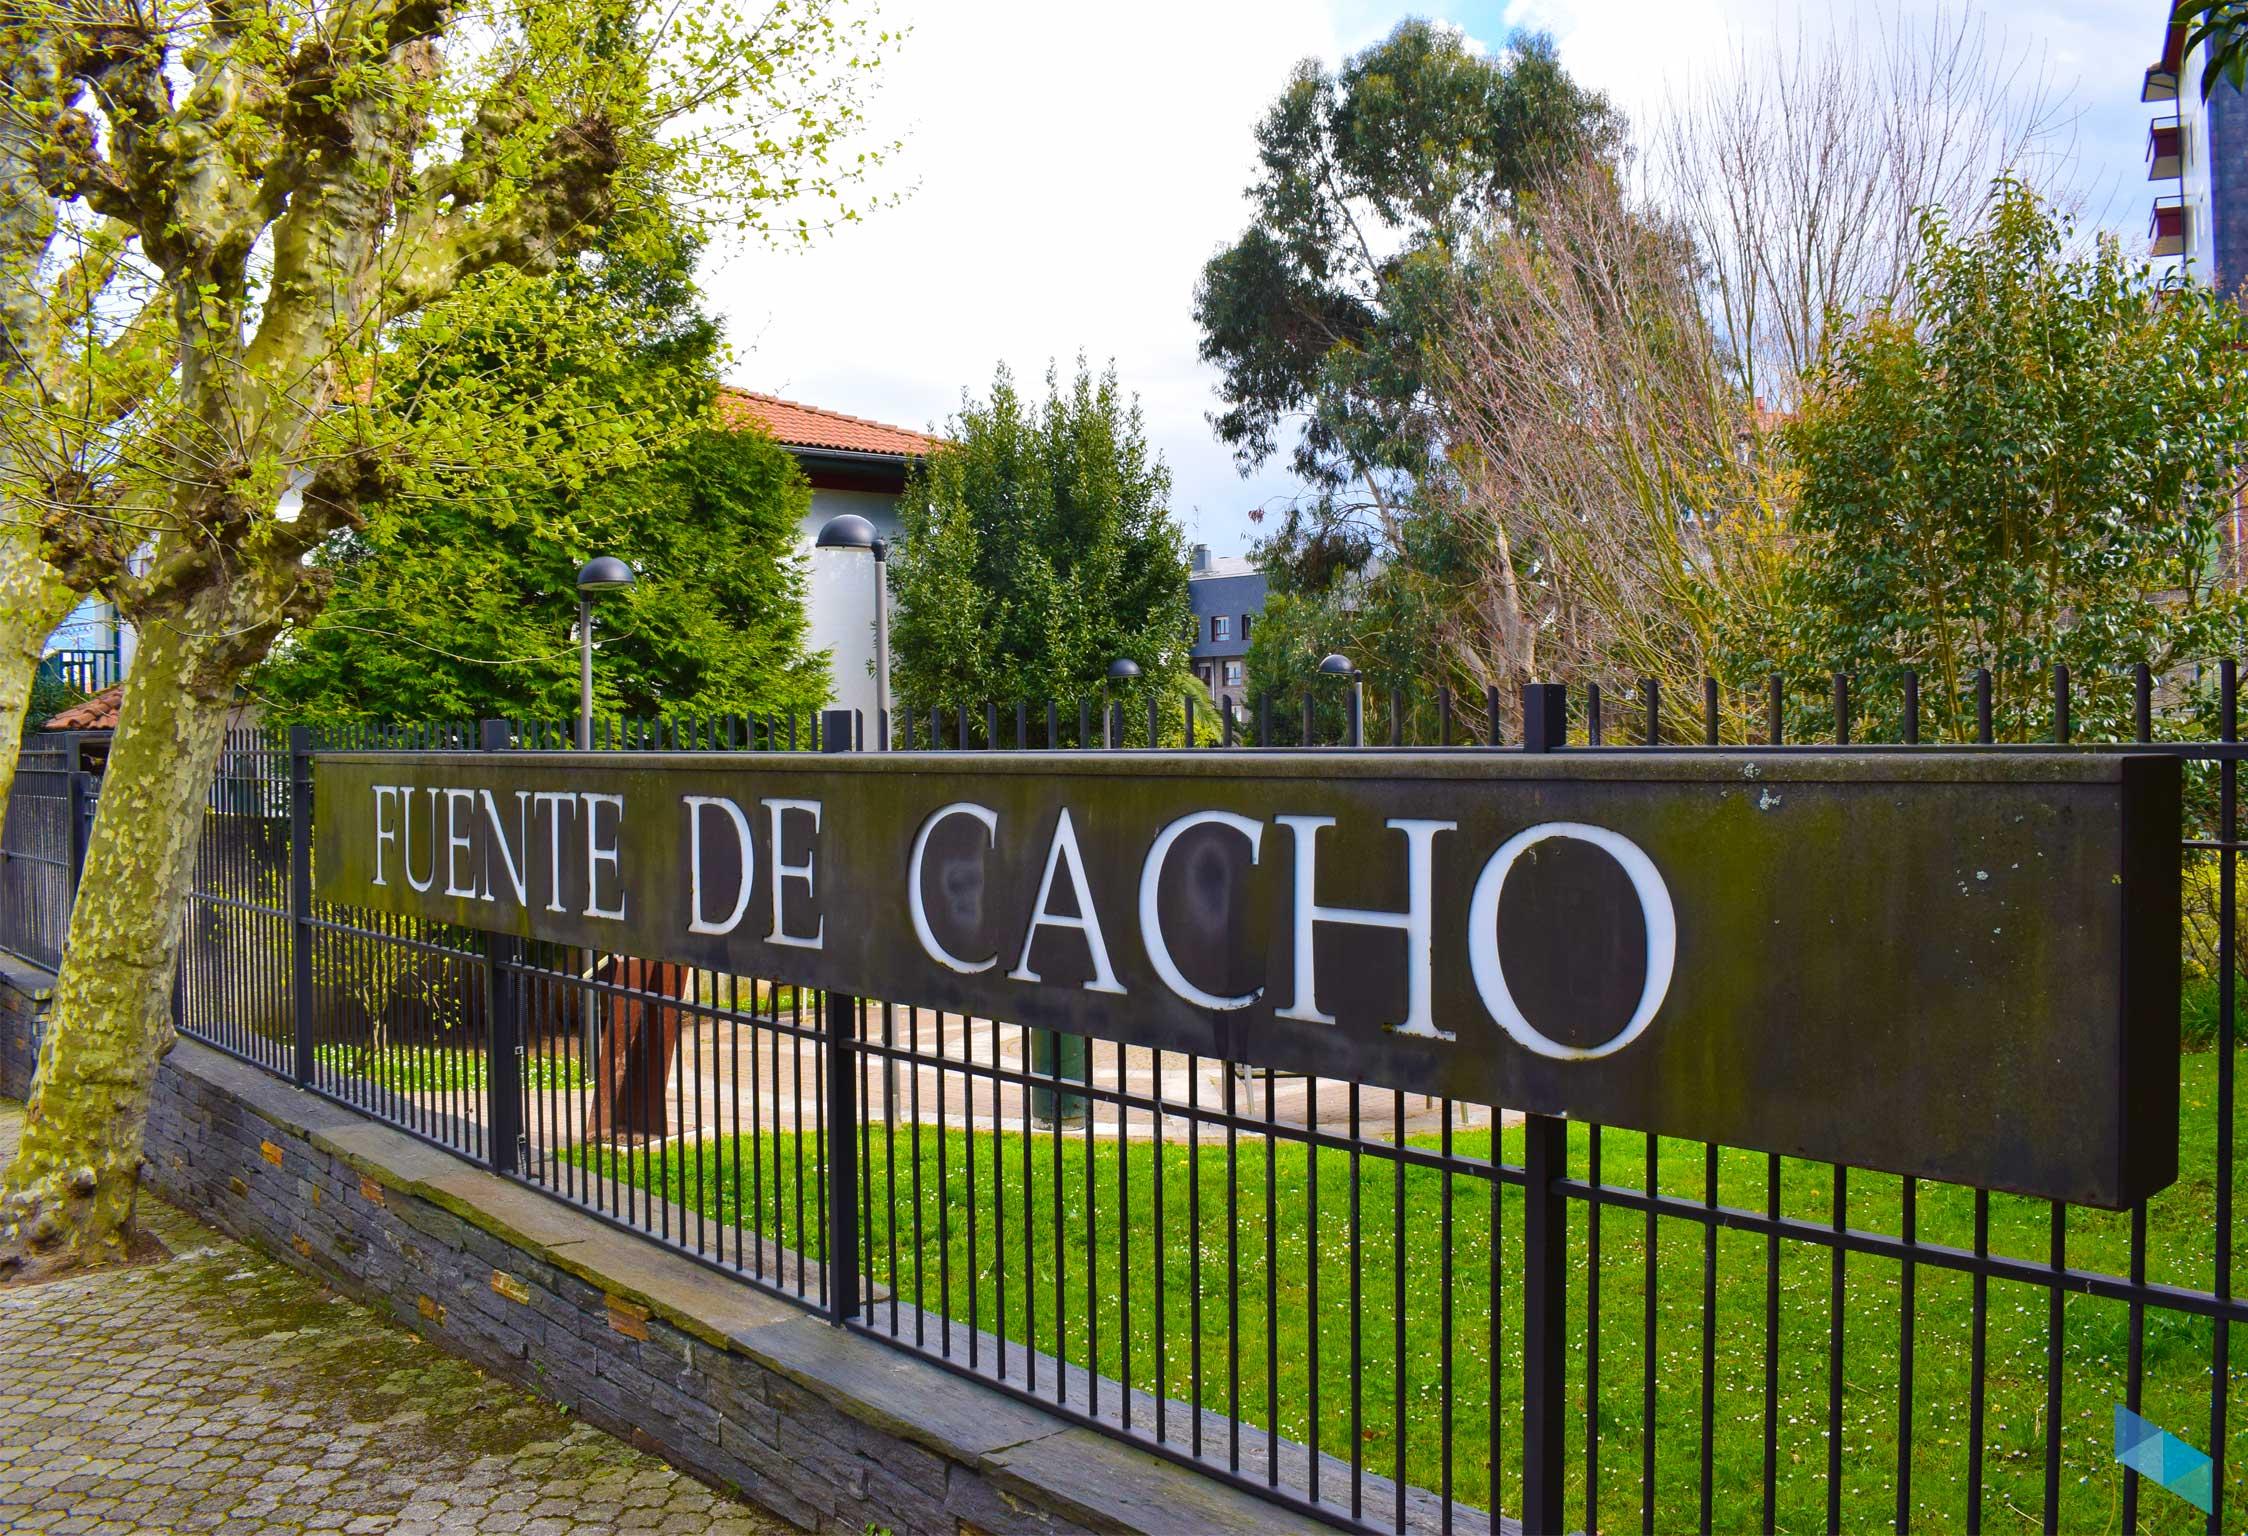 Fuente de Cacho